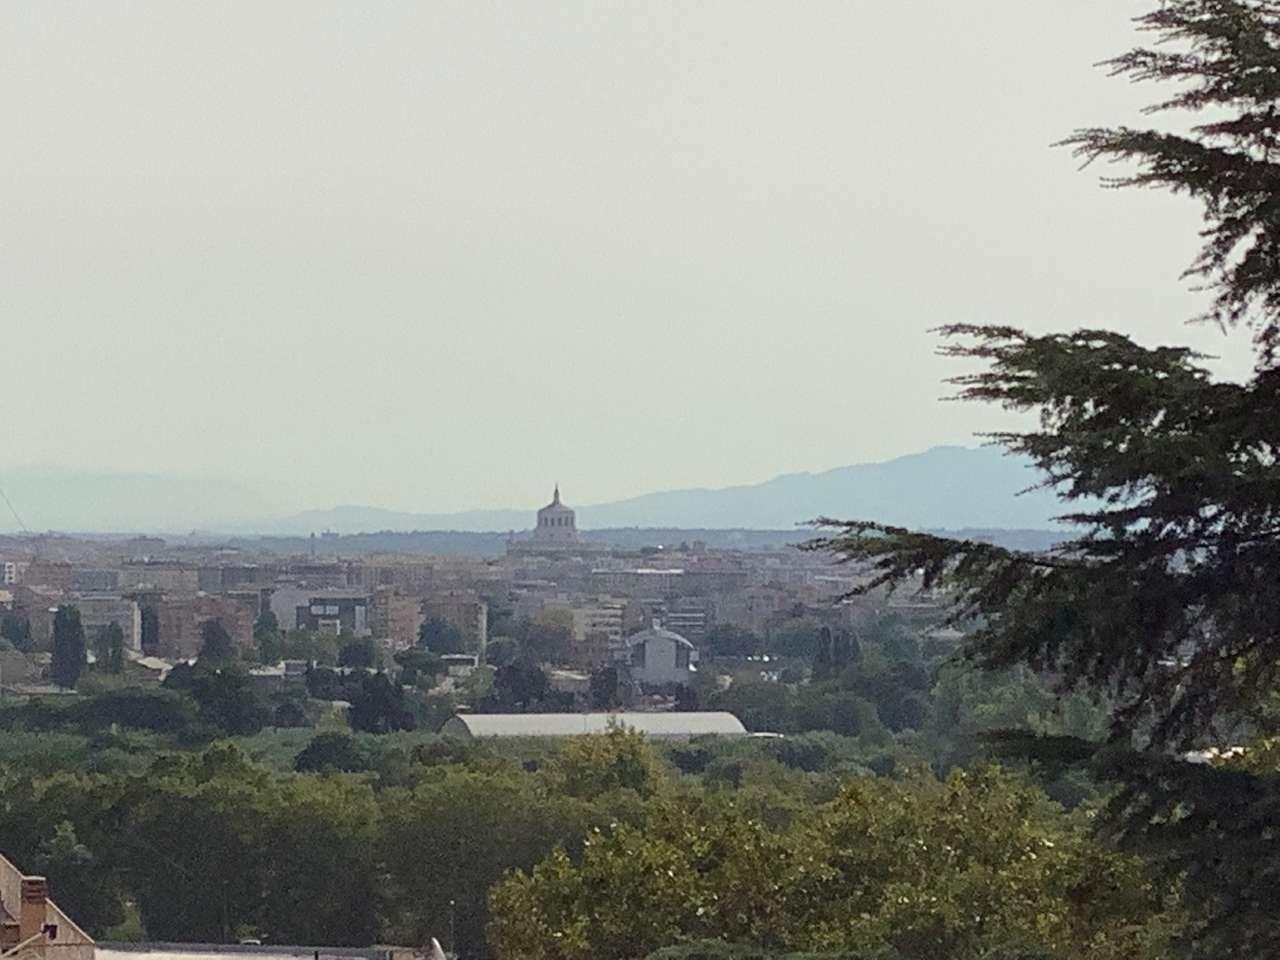 Attico / Mansarda in vendita a Roma, 5 locali, zona Zona: 23 . Portuense - Magliana, prezzo € 665.000 | CambioCasa.it